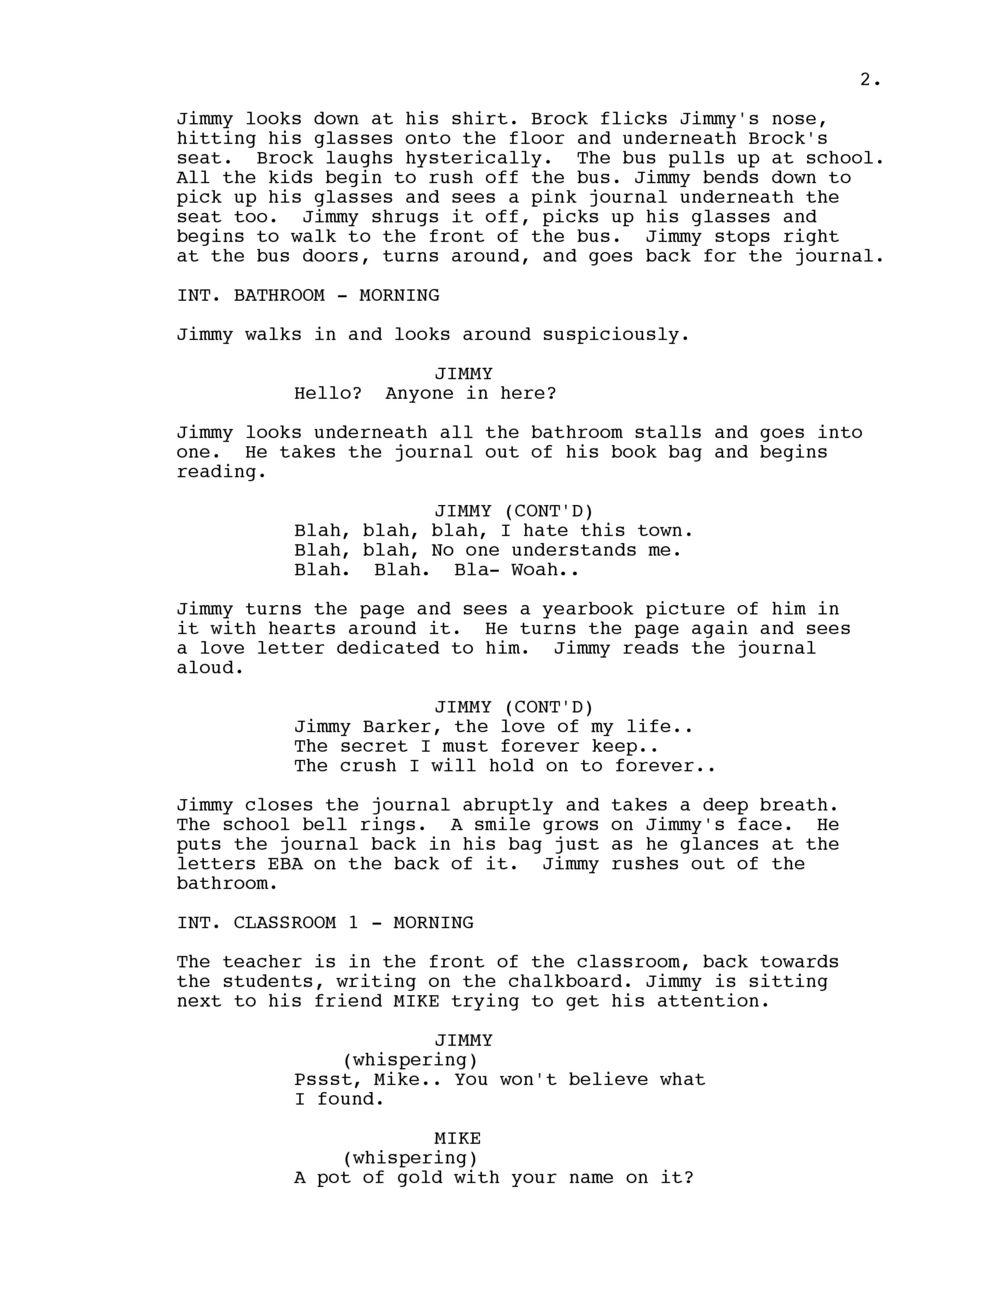 Script - The Pink Journal-2.jpg